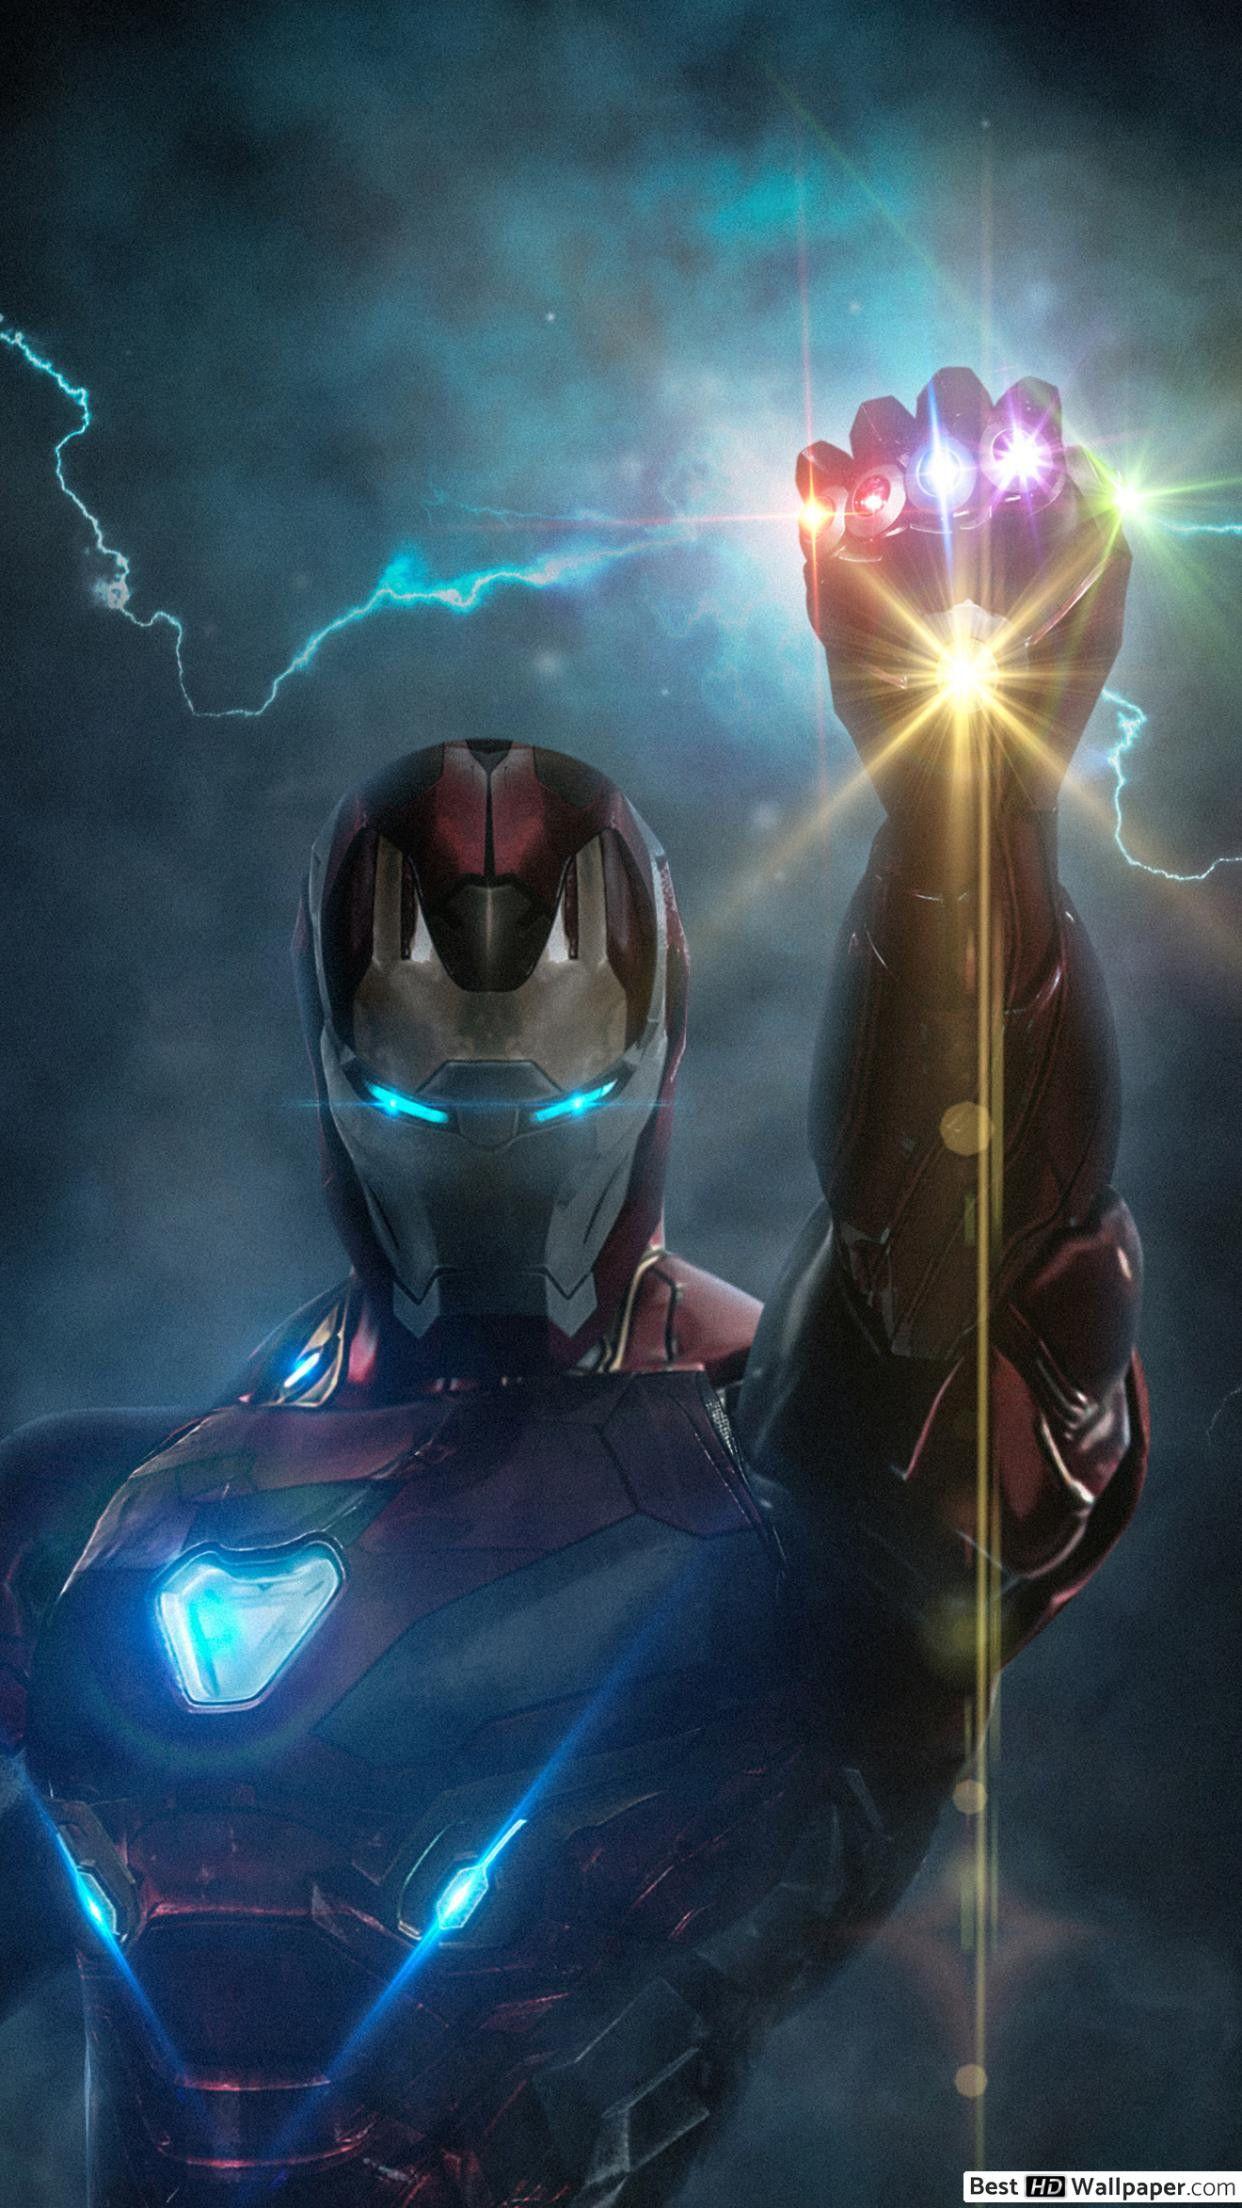 Avengers Endgame Wallpaper New Avengers Endgame Ironman Mit